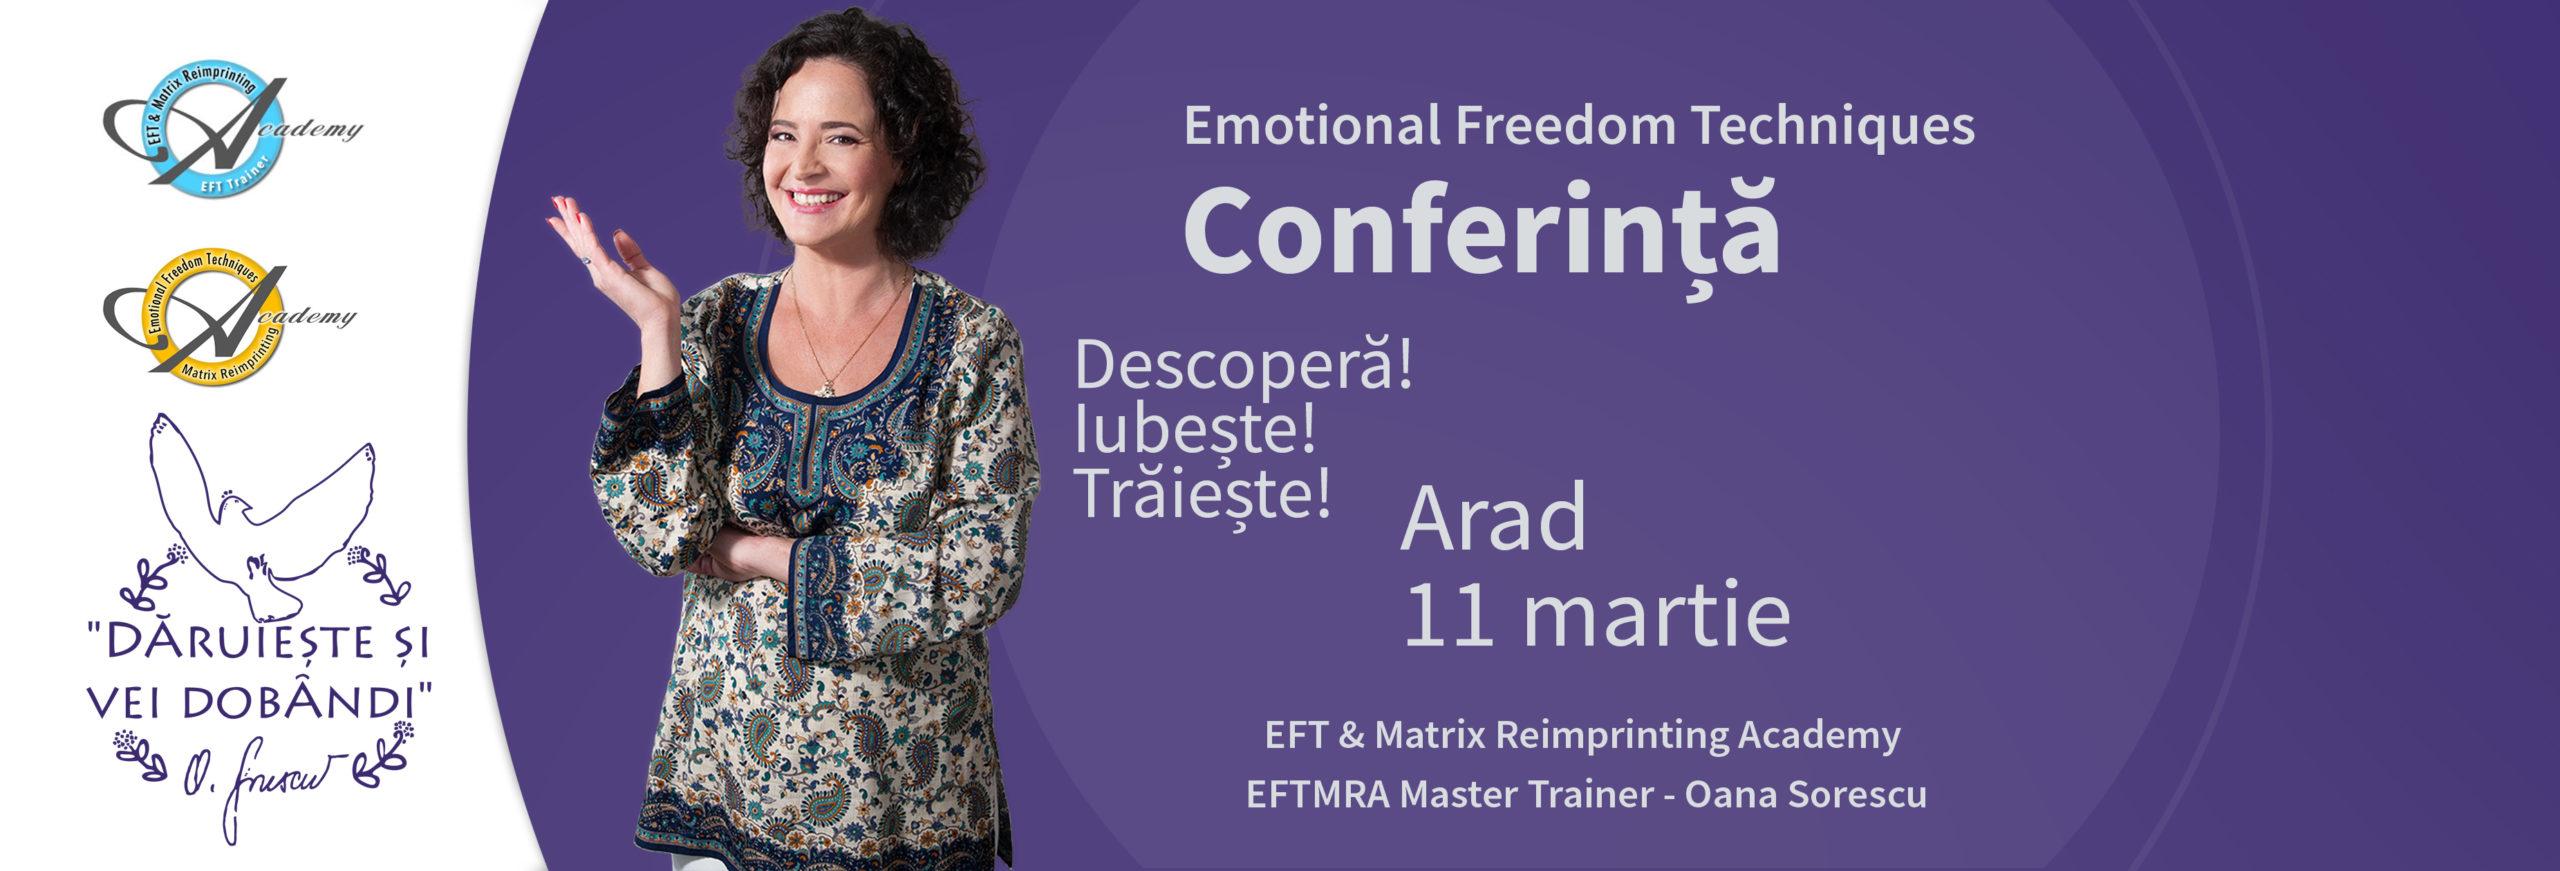 Conferinta EFT Arad